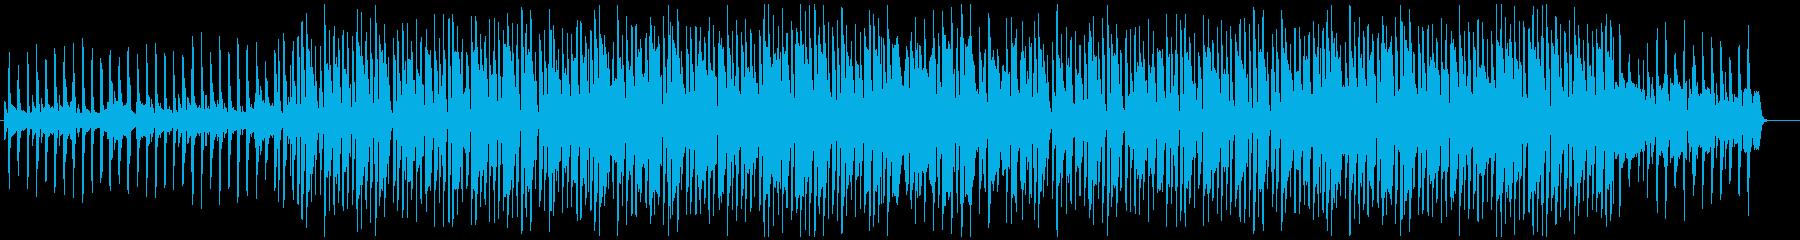 交響曲第九番 「喜びの歌」レゲエアレンジの再生済みの波形